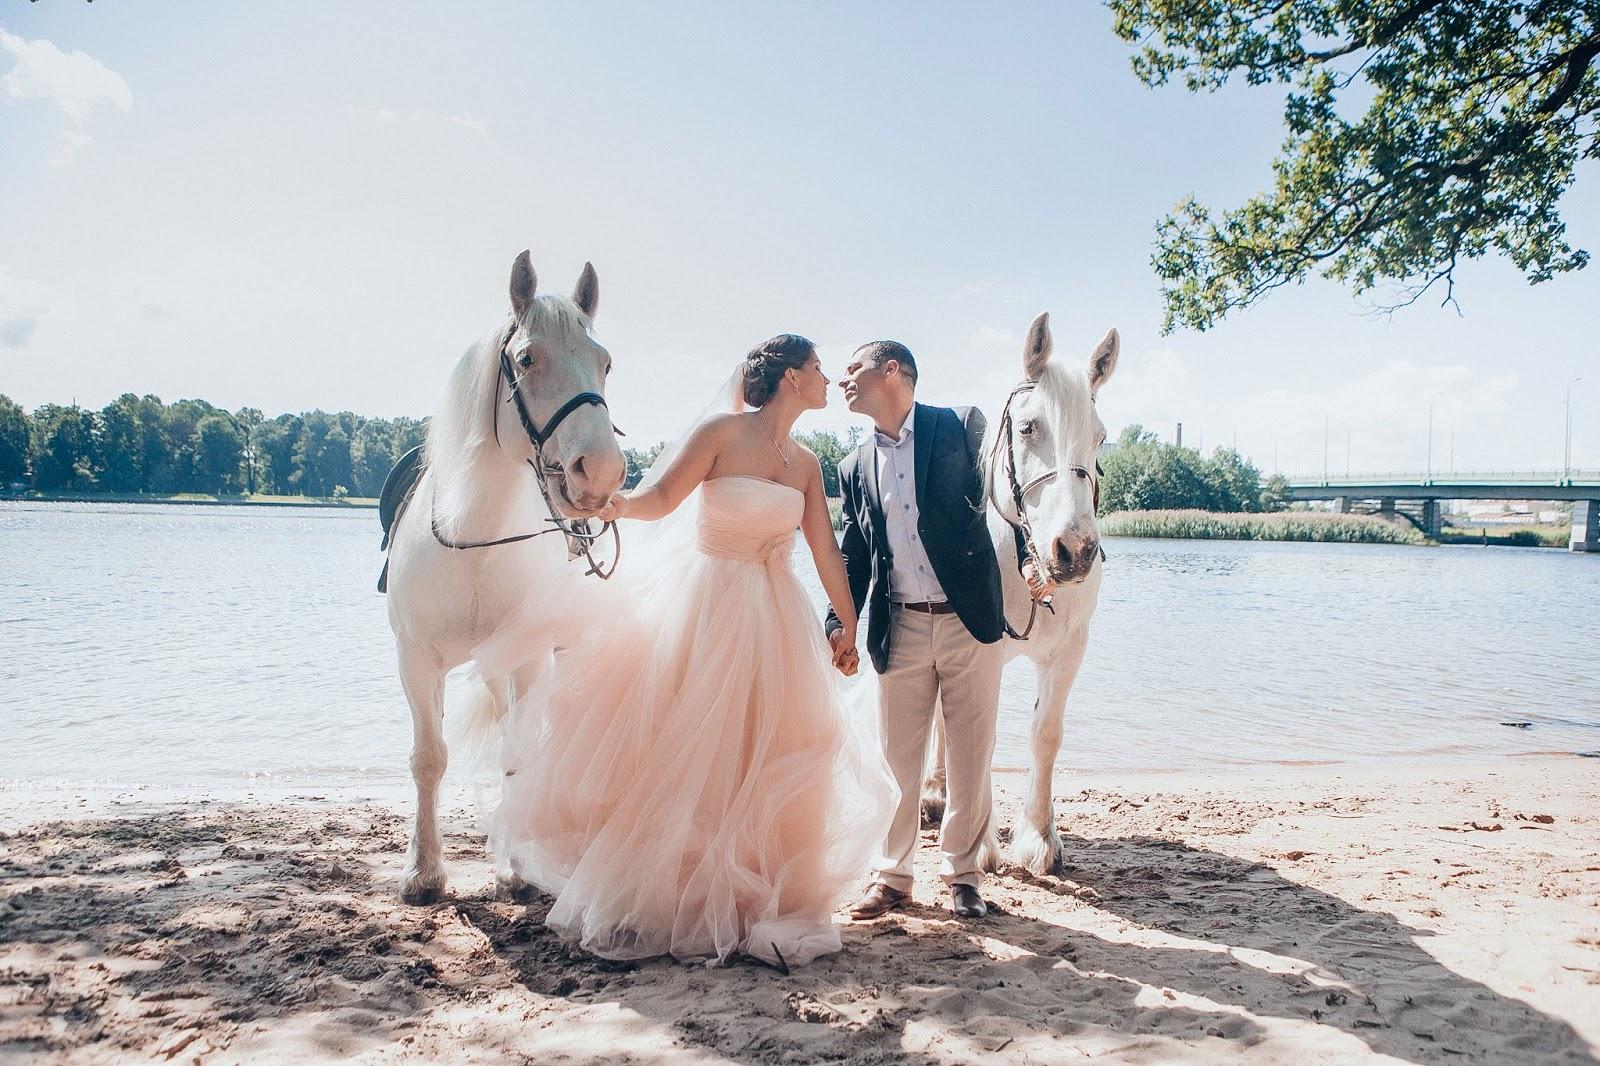 жених и невеста в окружении белых коней